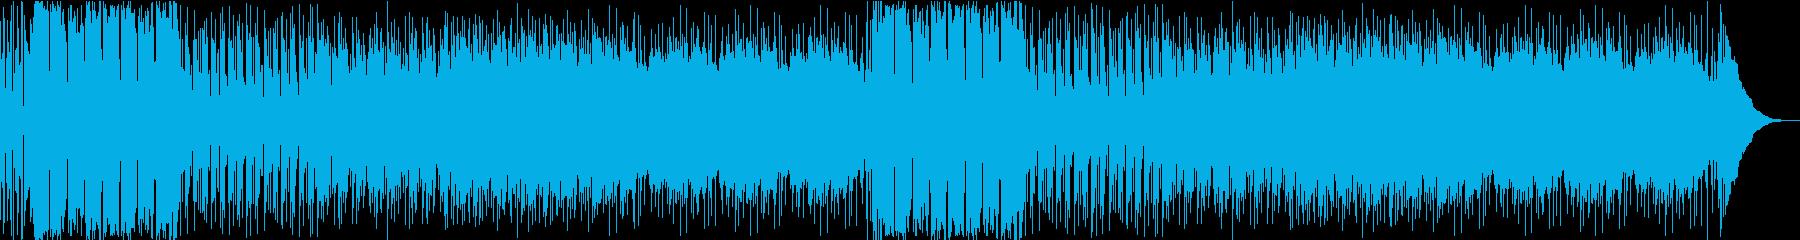 シンプルで爽やかロックの再生済みの波形